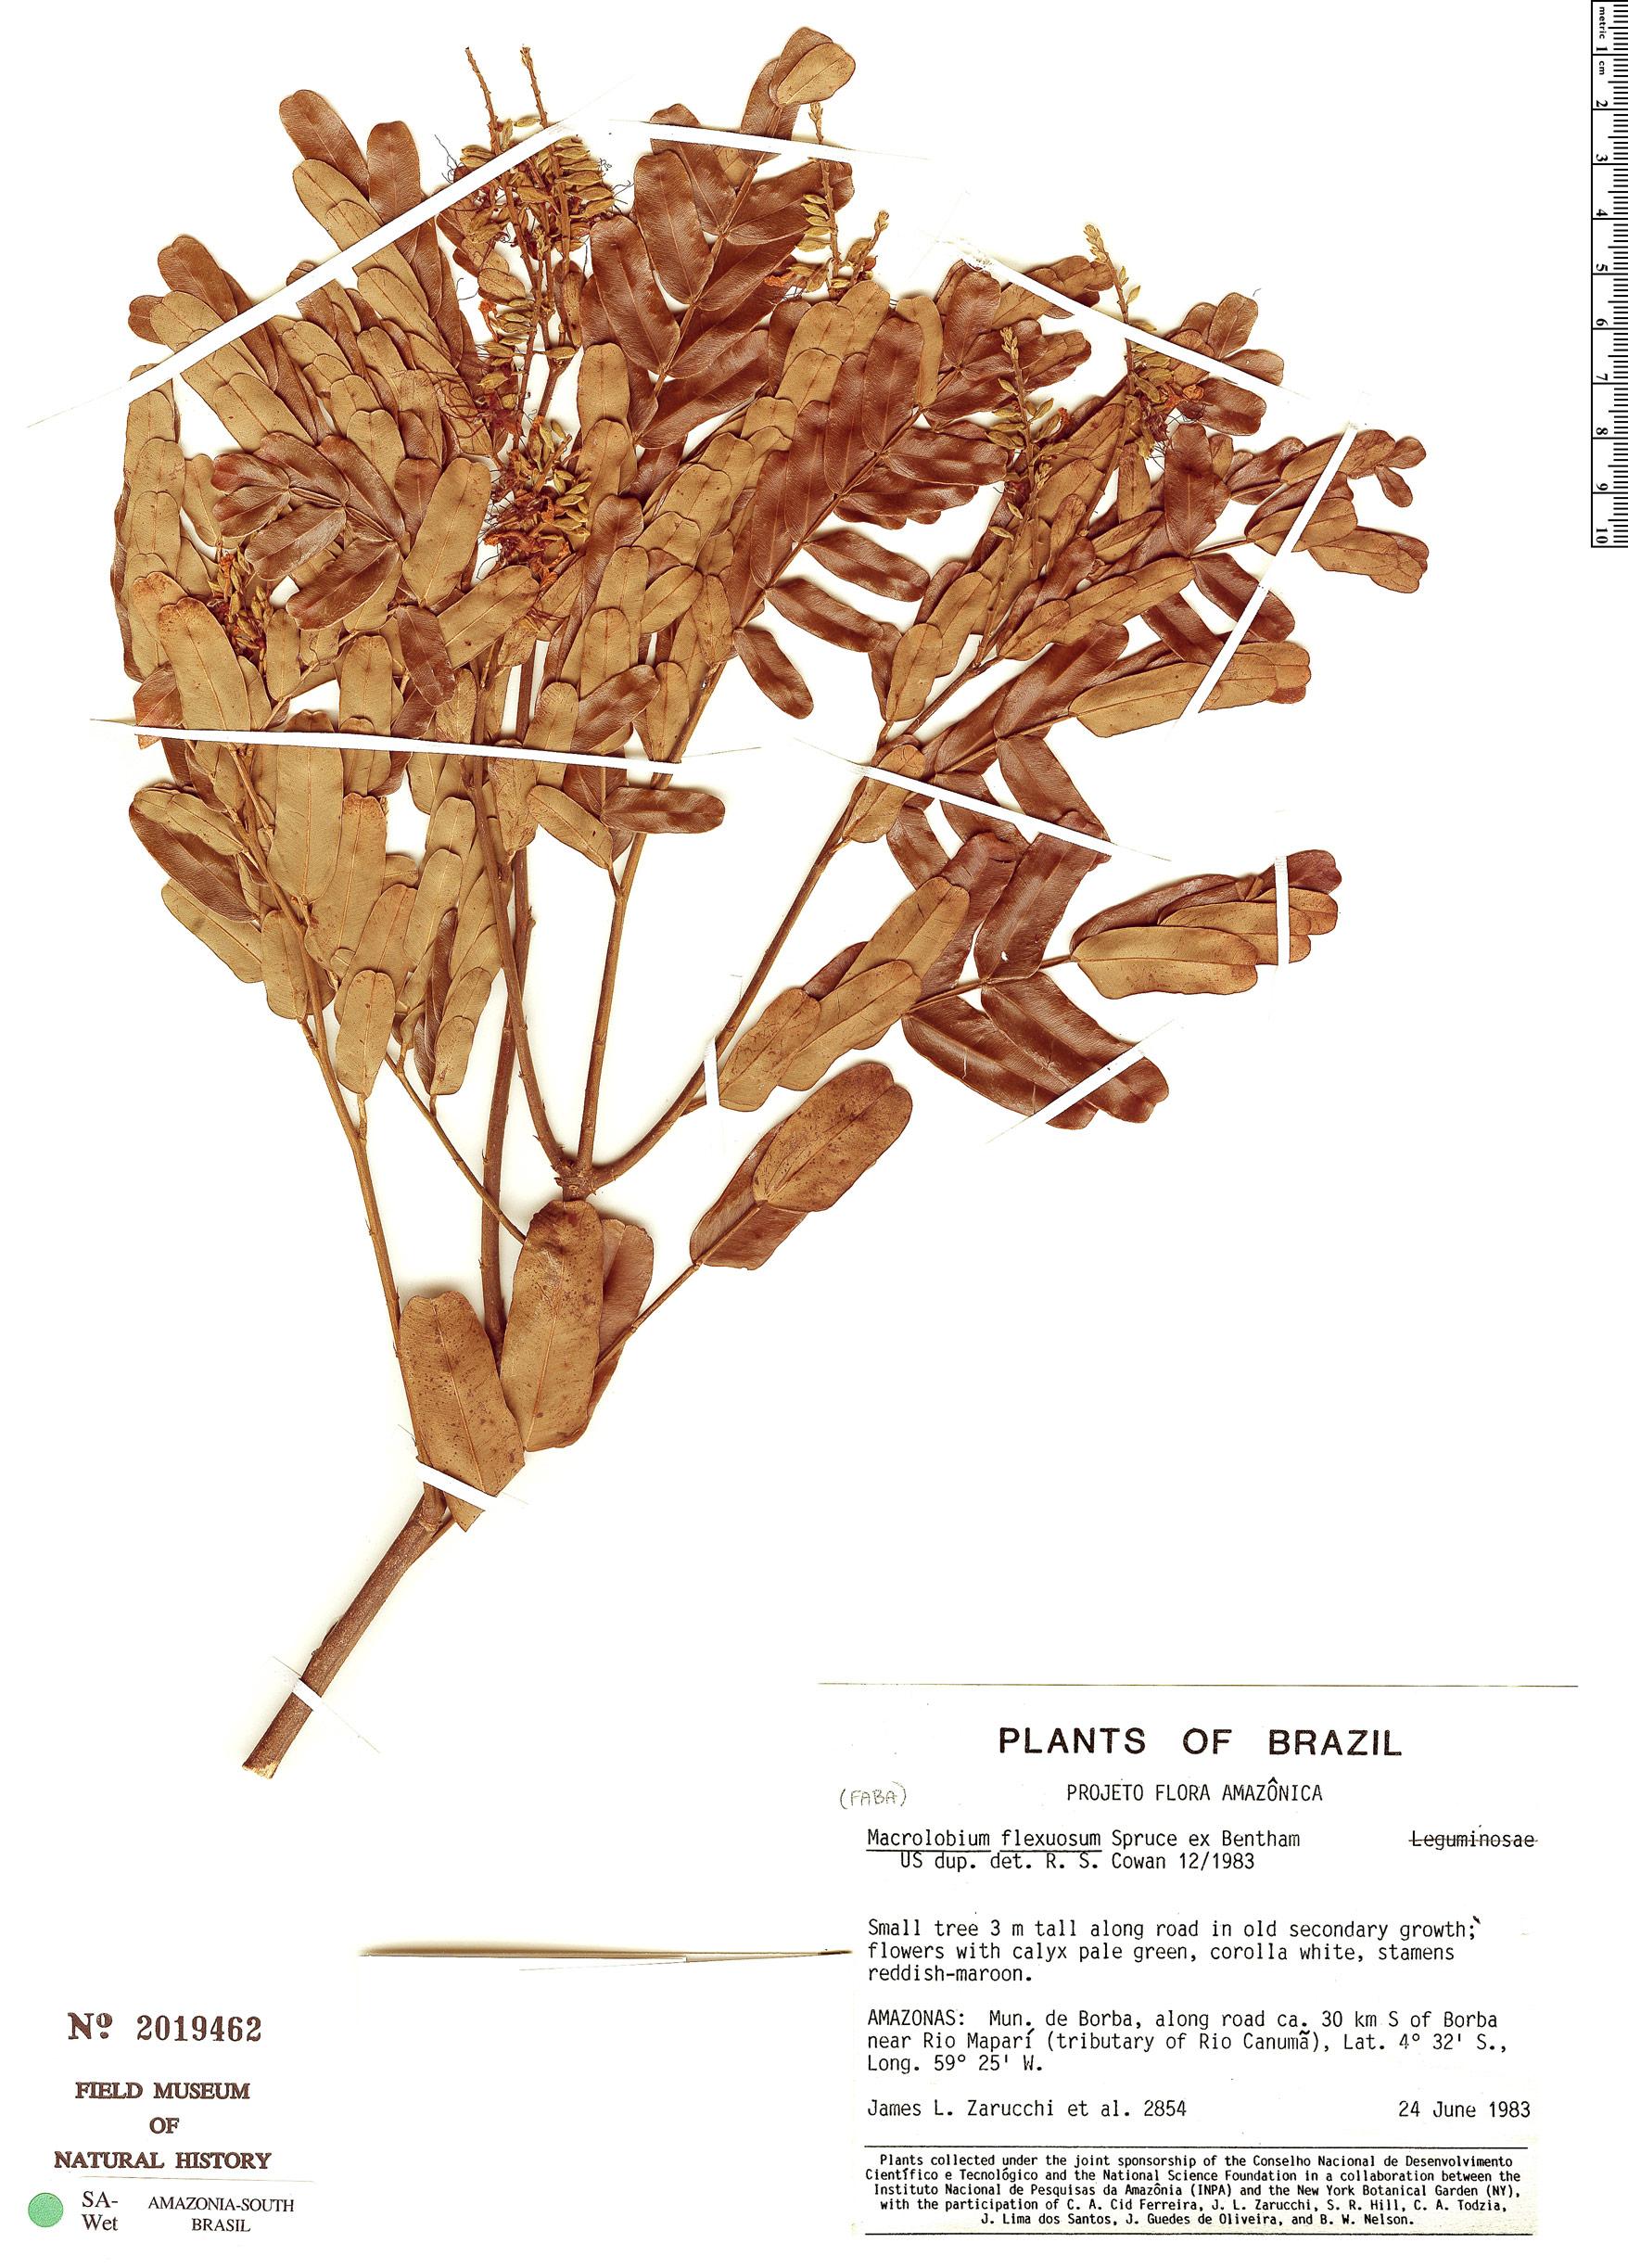 Specimen: Macrolobium flexuosum